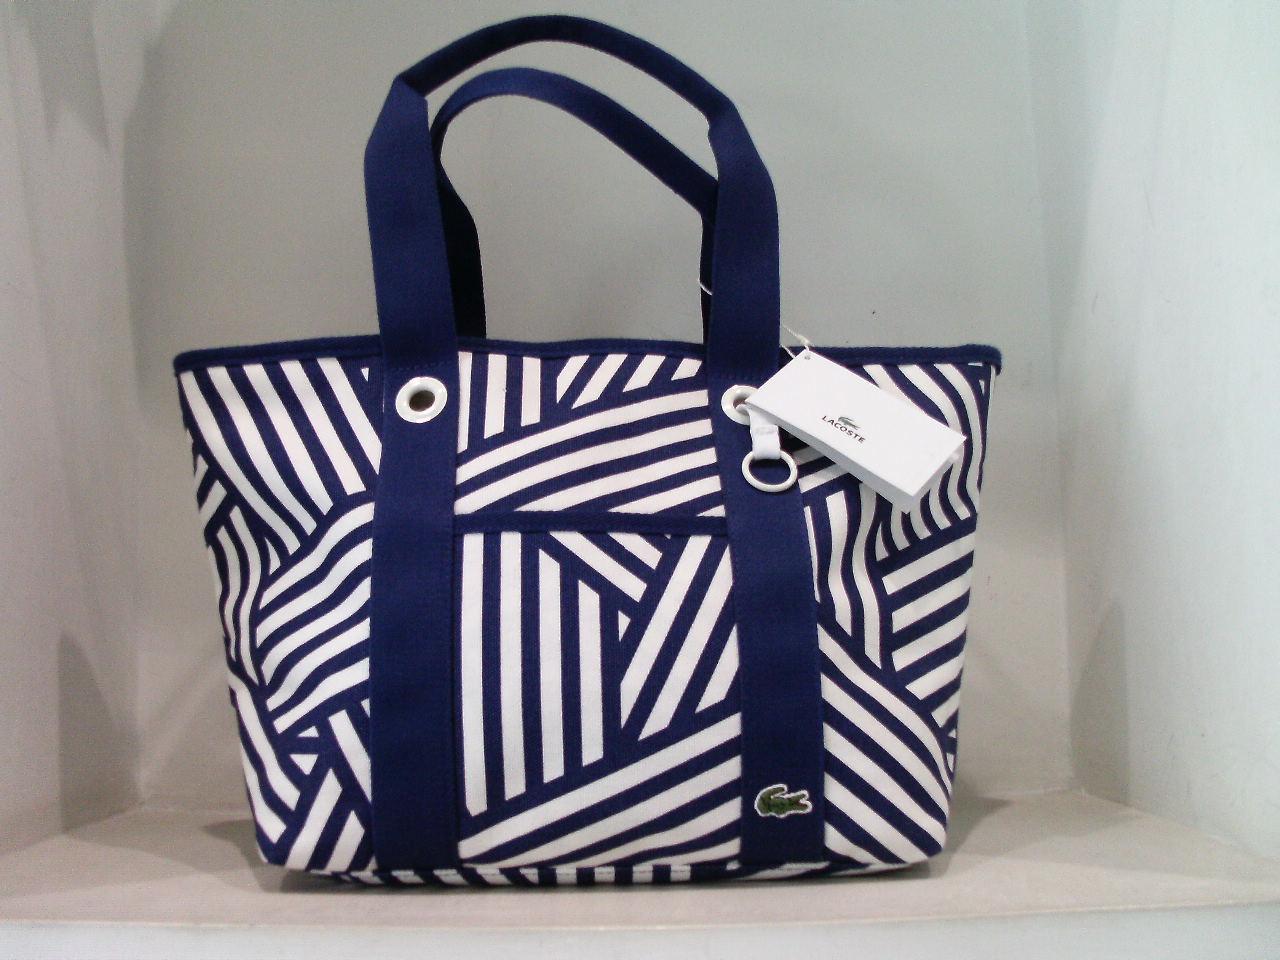 Borse Cotone Mare : Silvana accessori moda borse mare